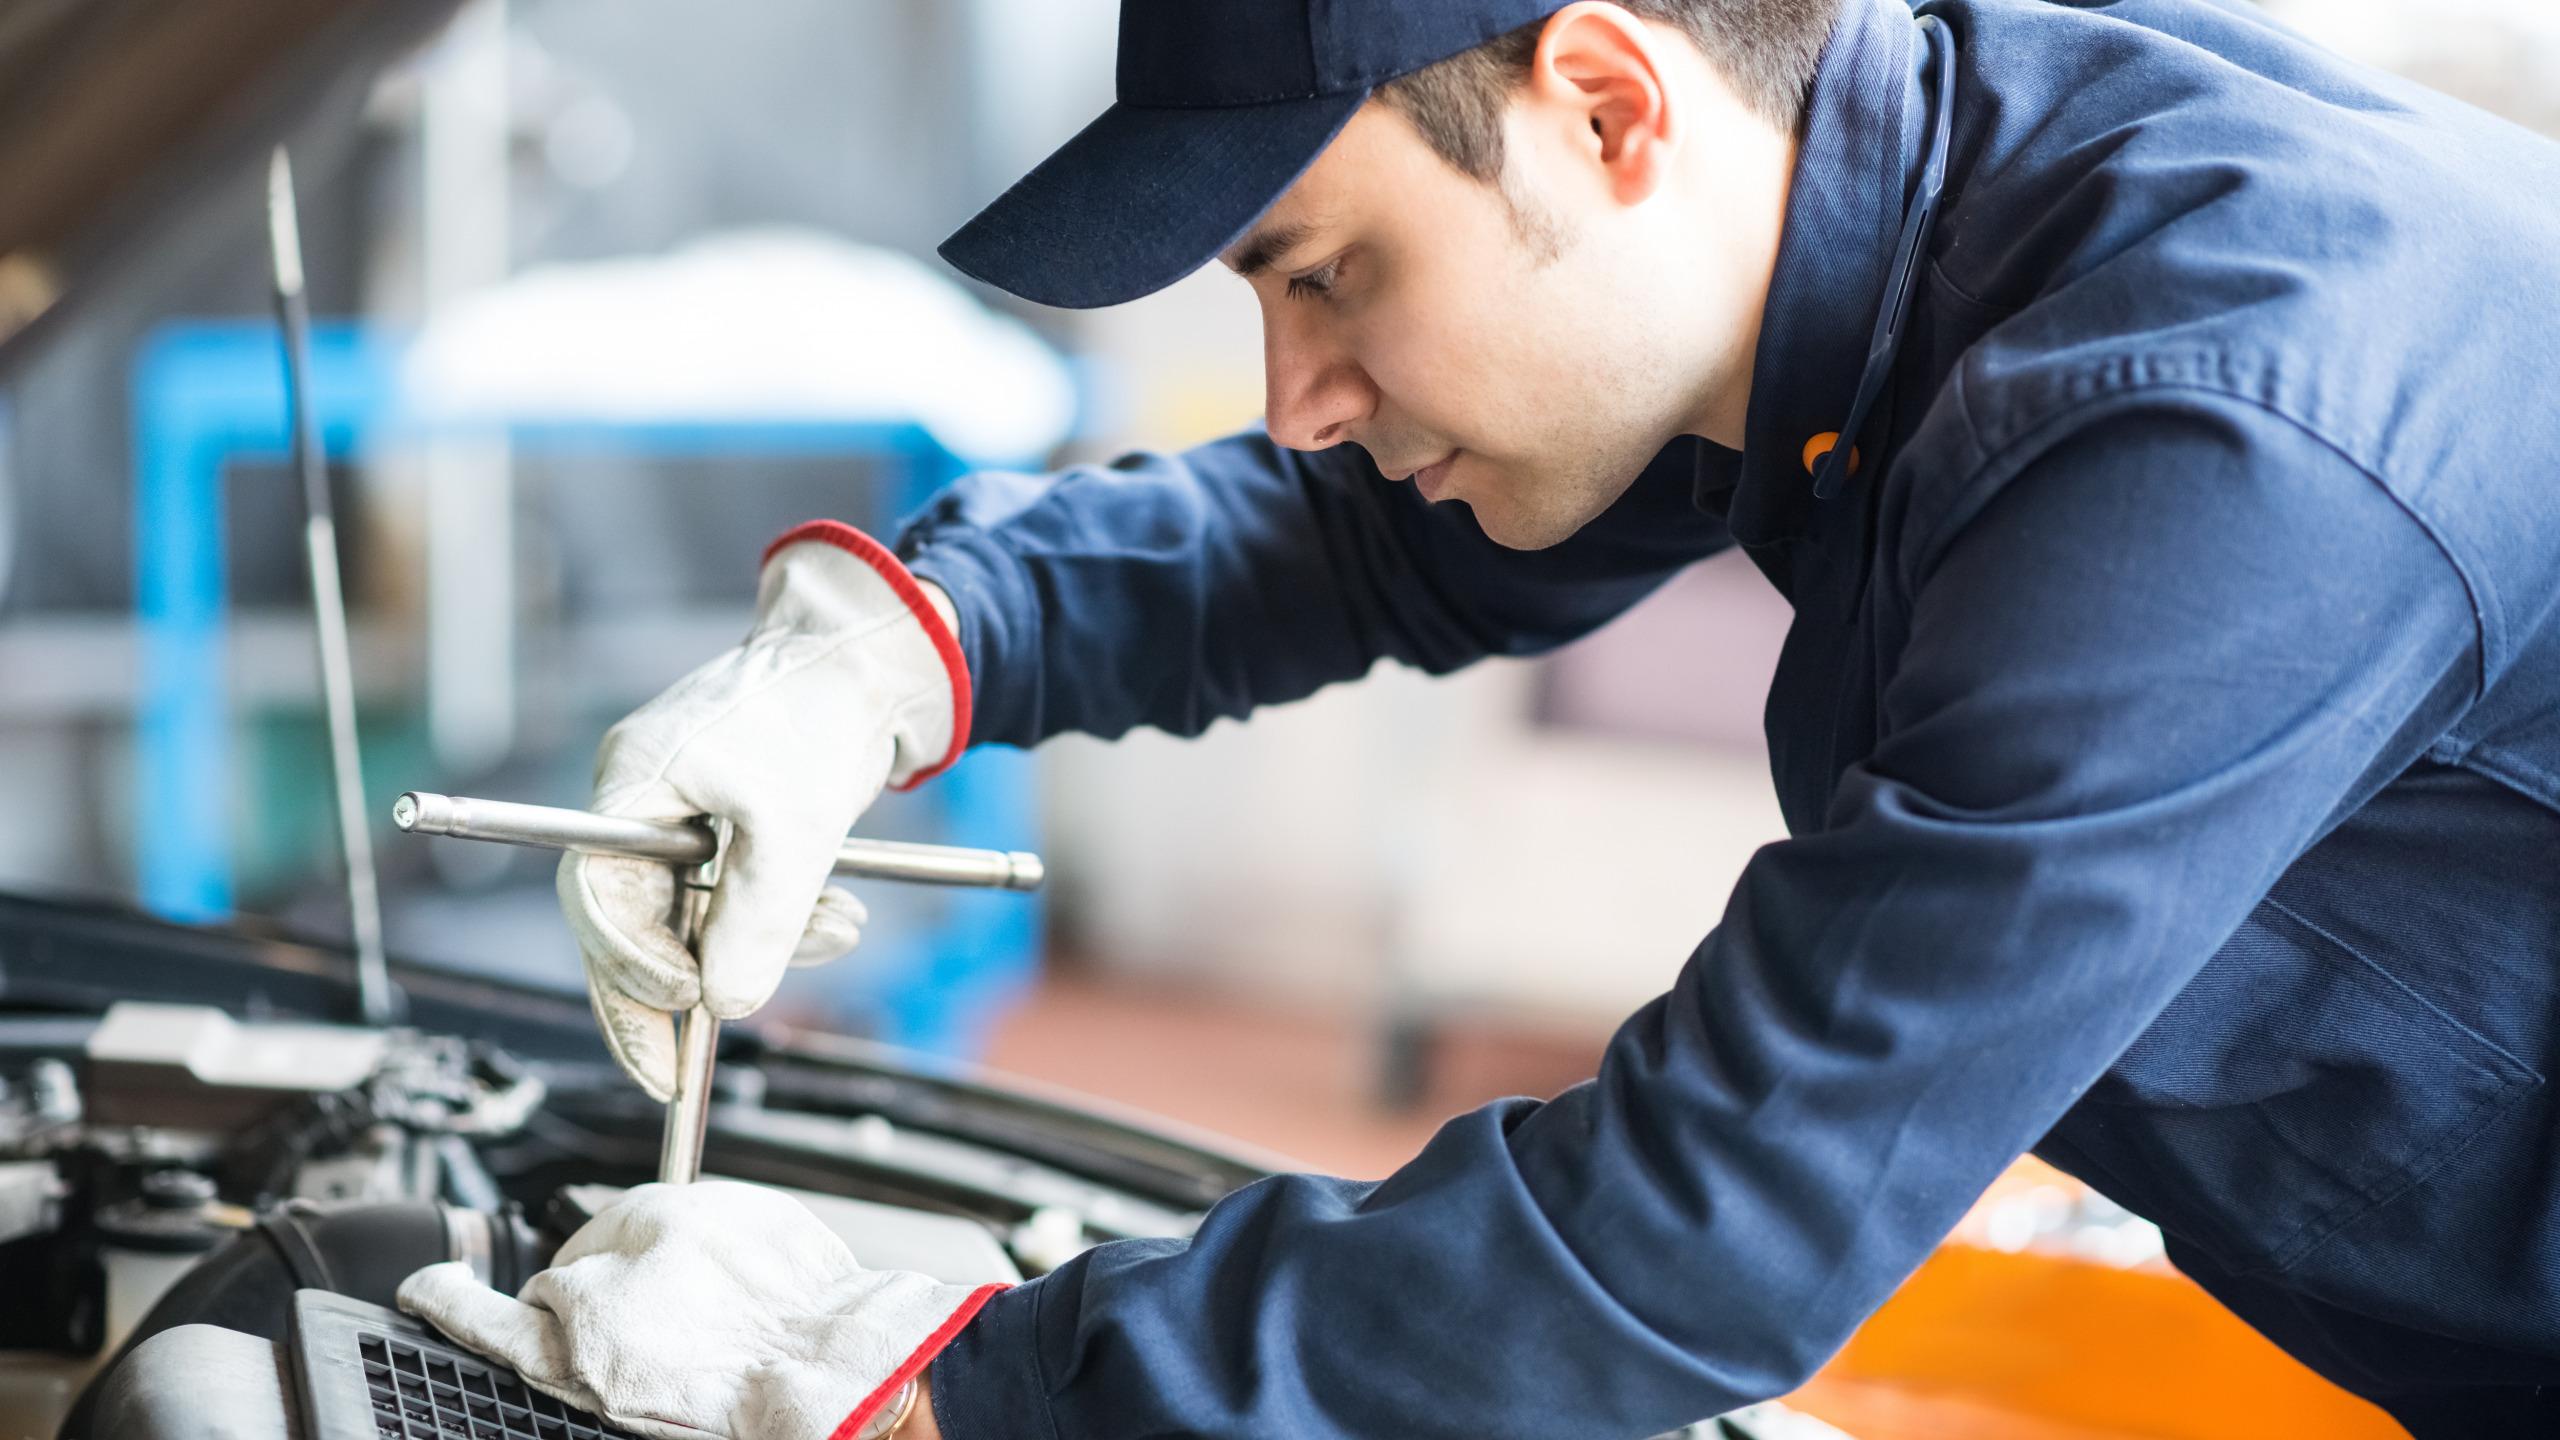 Картинки о профессии механик